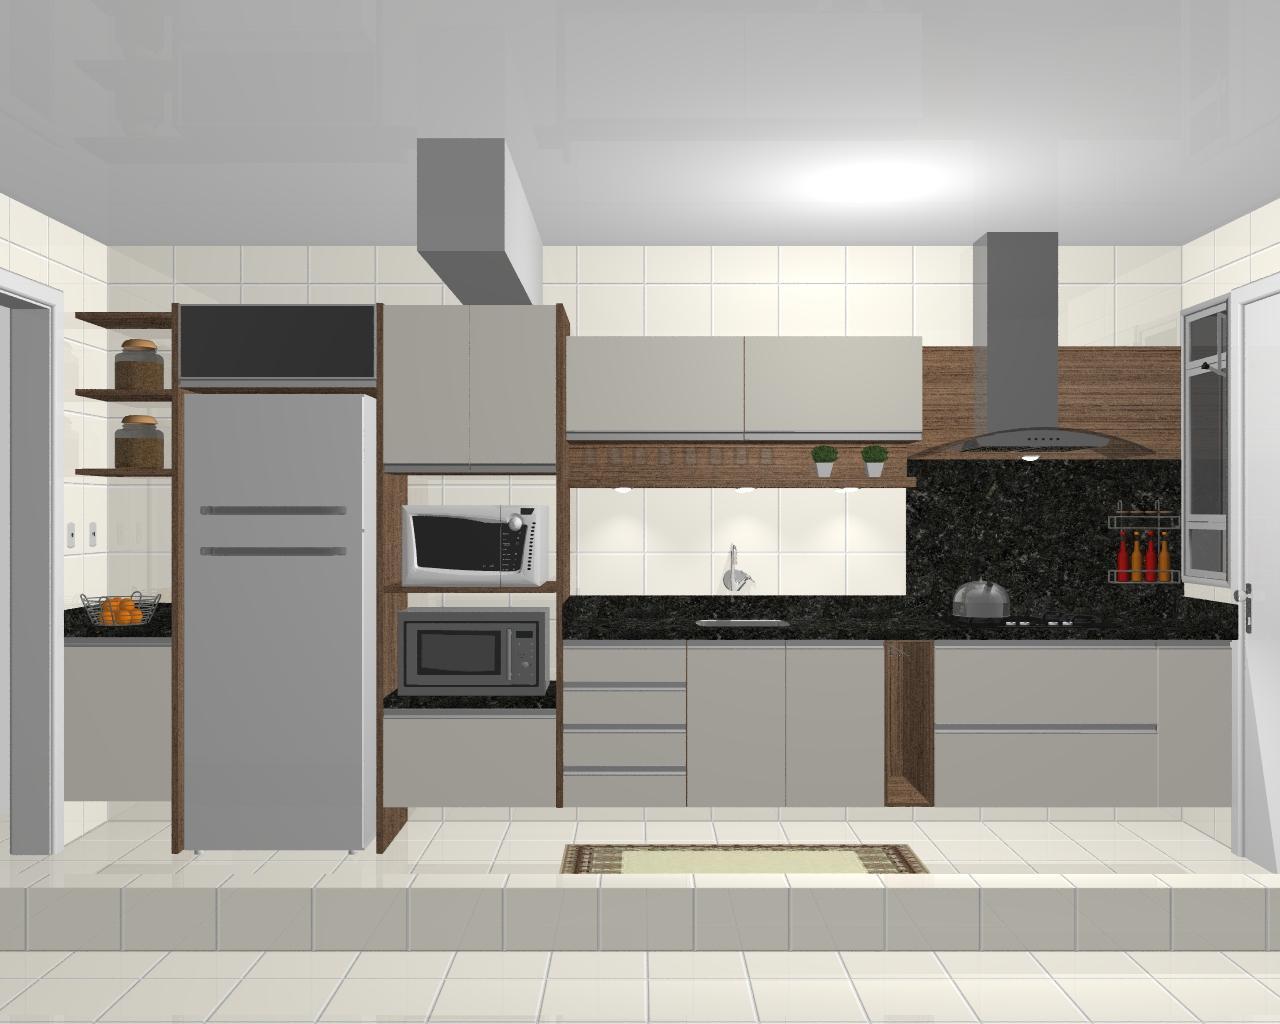 #AD641E  : Imagens renderizadas de cozinhas criadas e executadas pela ATUALLE 1280x1024 px Fornecedores De Cozinha_754 Imagens